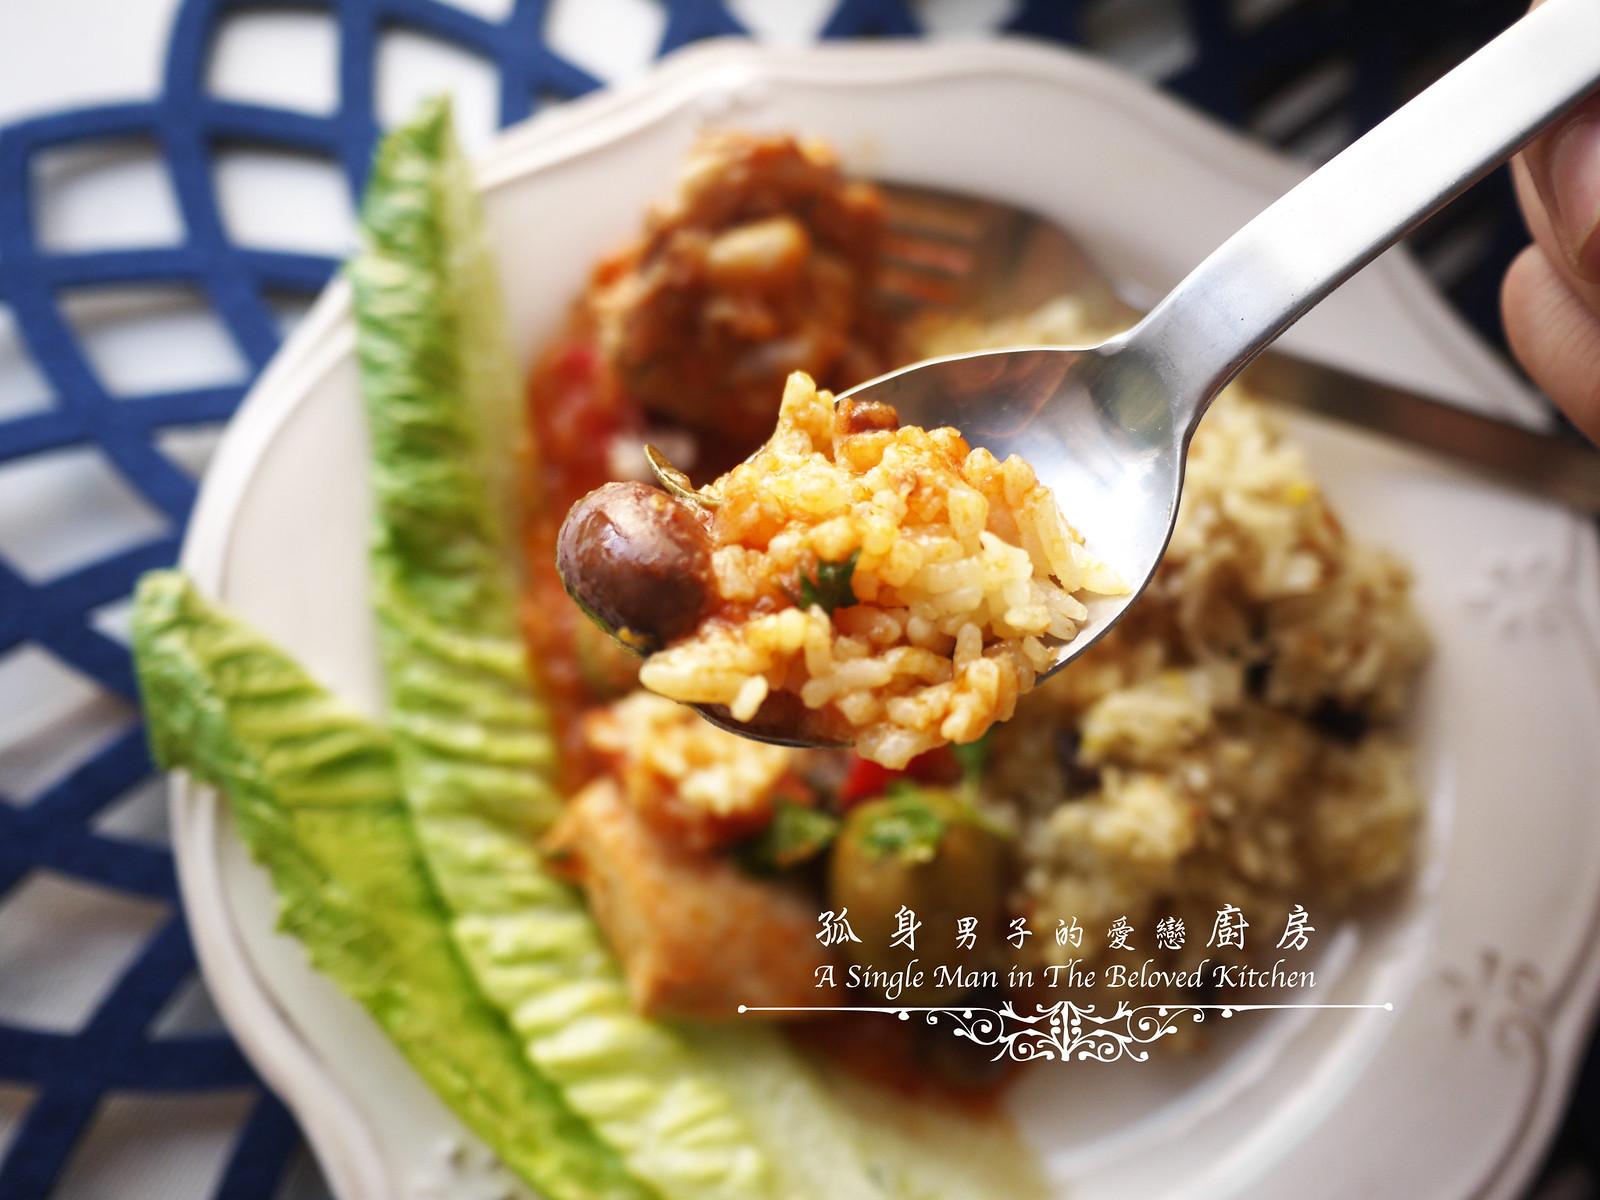 孤身廚房-蕃茄橄欖燴雞肉佐番紅花香米45